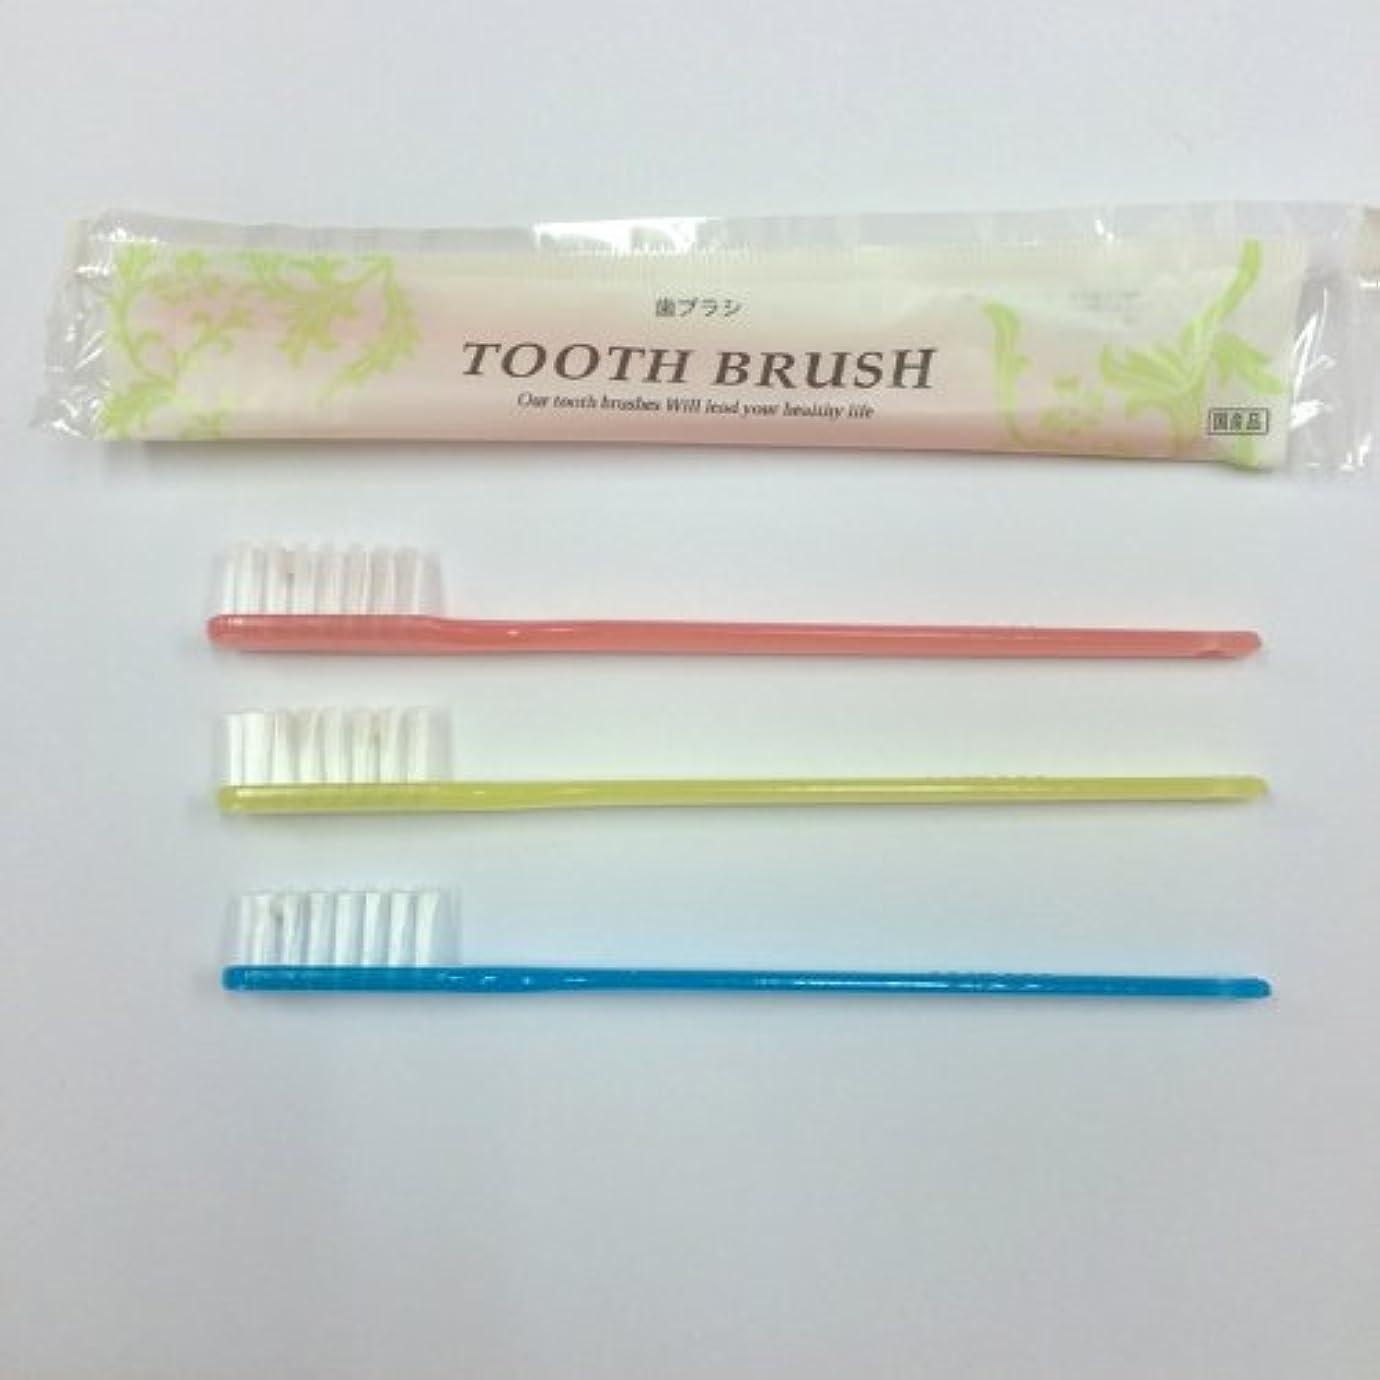 キュービックミキサー退屈なインスタント歯ブラシ 3色アソート(ピンク?ブルー?イエロー) 200本